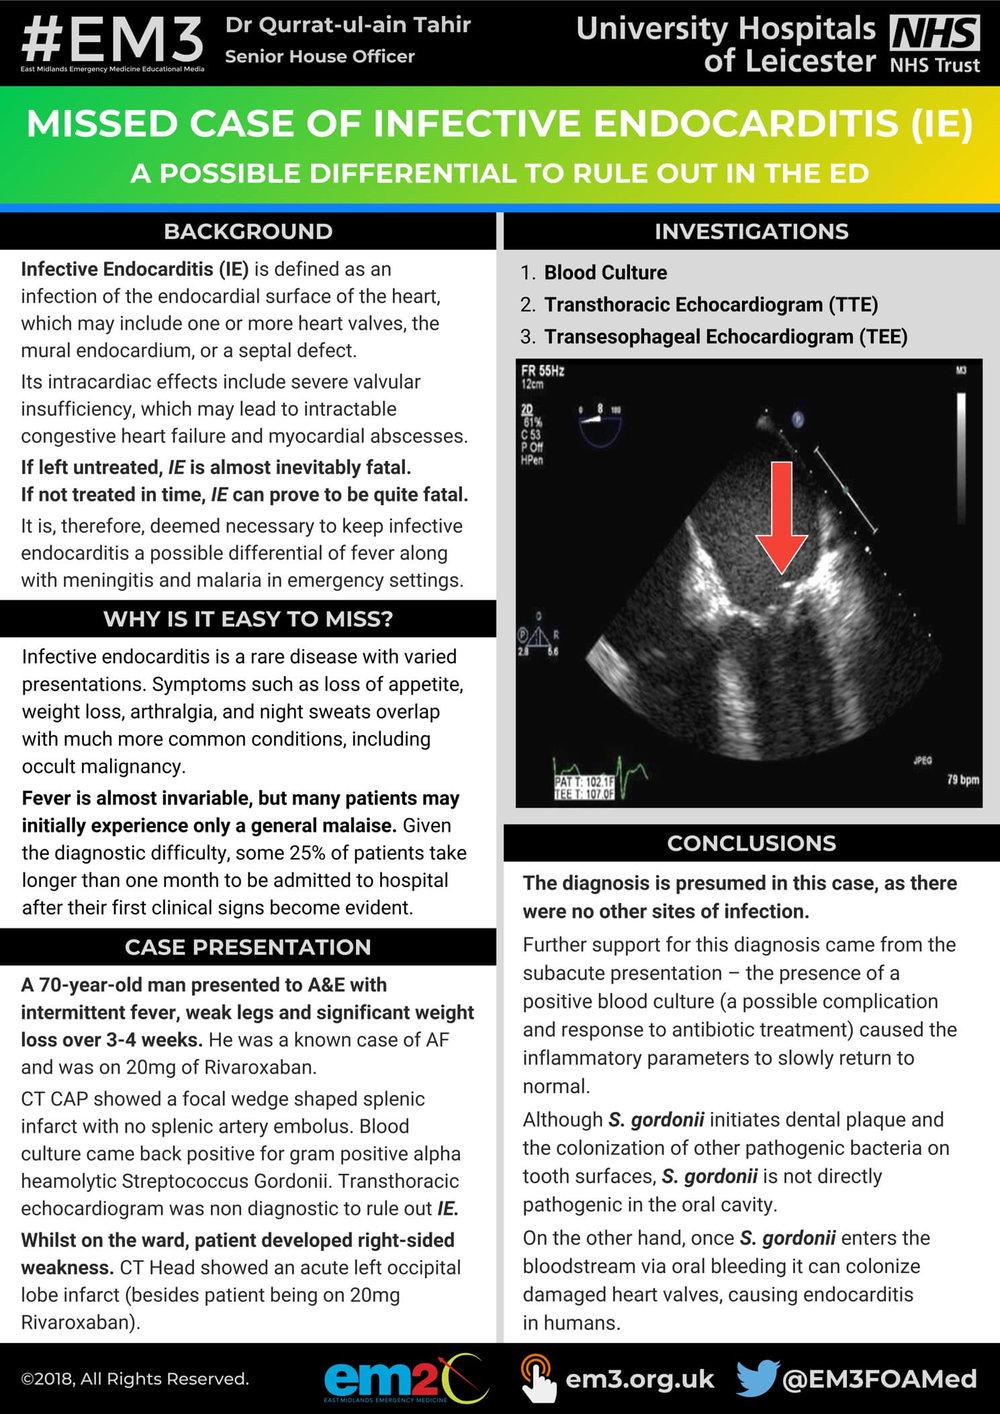 Infective Endocarditis - EM2C poster (Qurrat-ul-ain Tahir).jpg